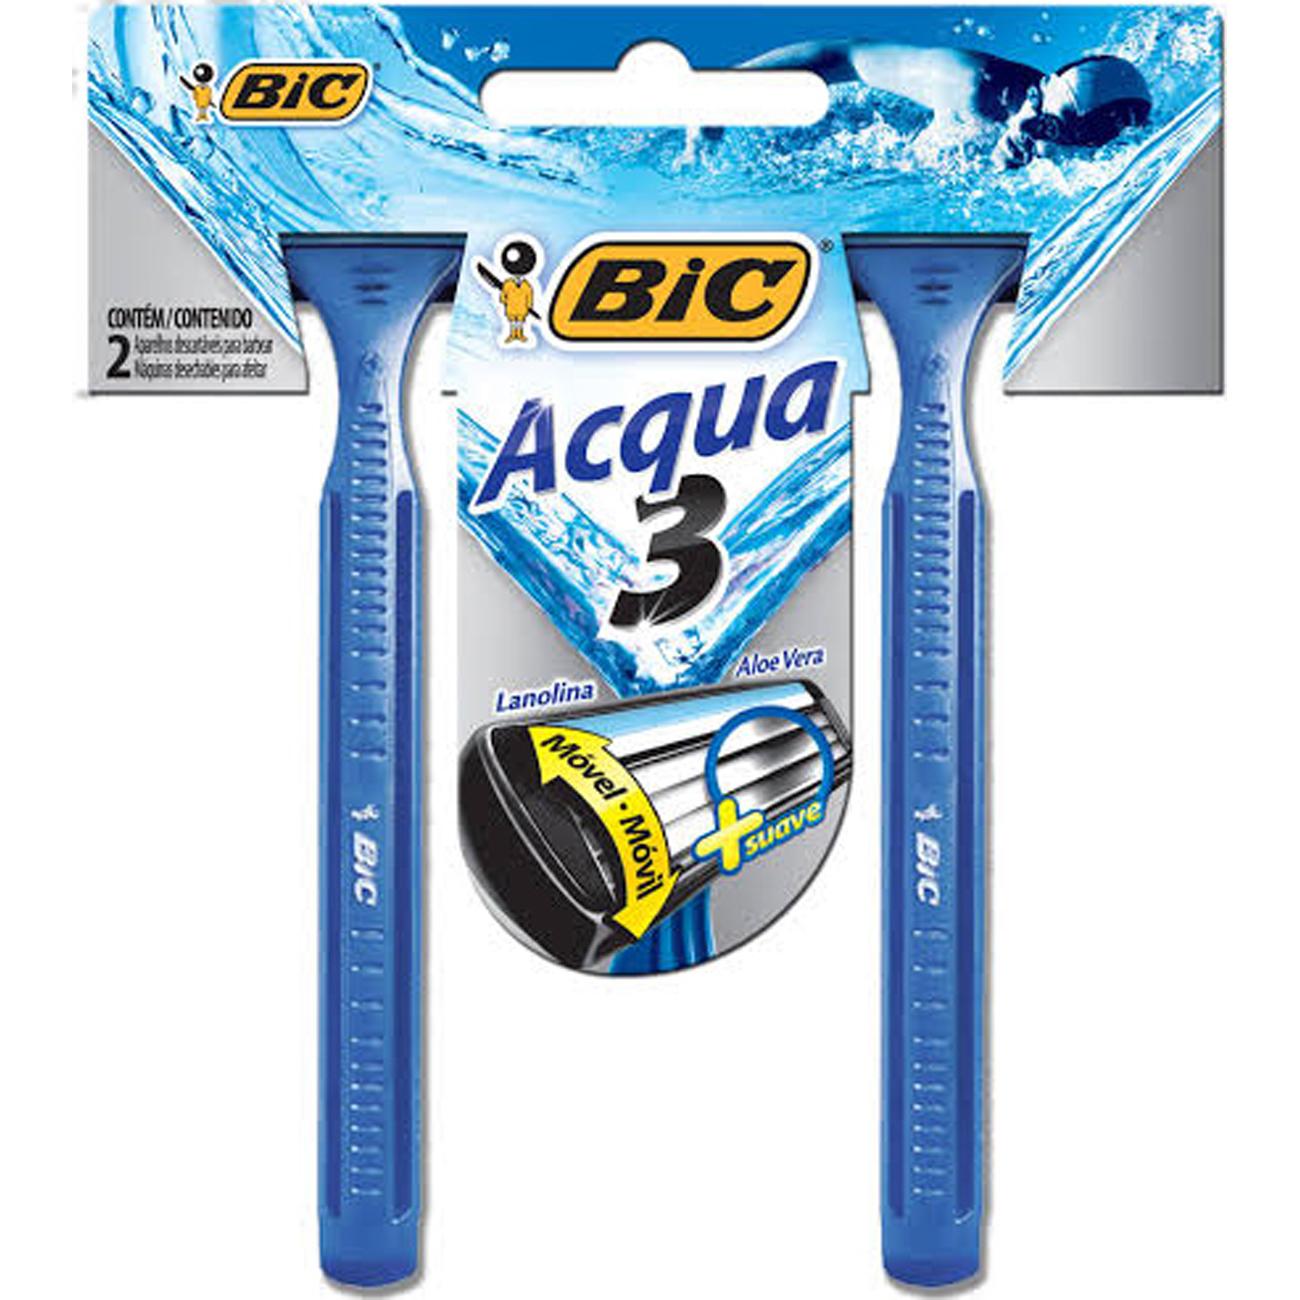 Aparelho de Barbear Bic Aqua 3 2Un